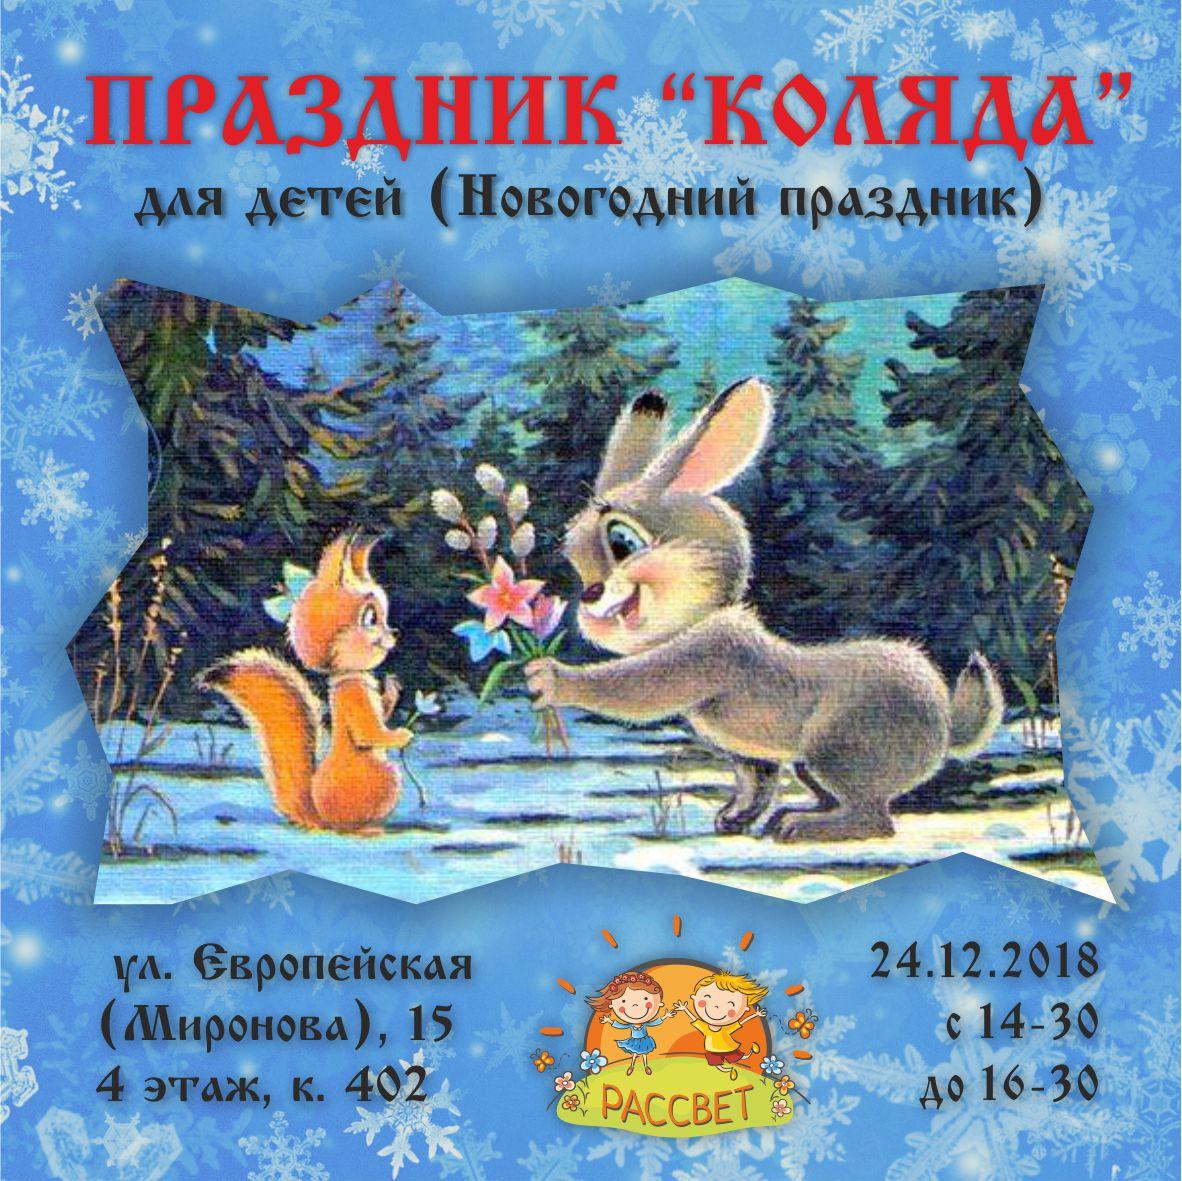 Праздник Коляда Рассвет (Новогодний праздник для детей)